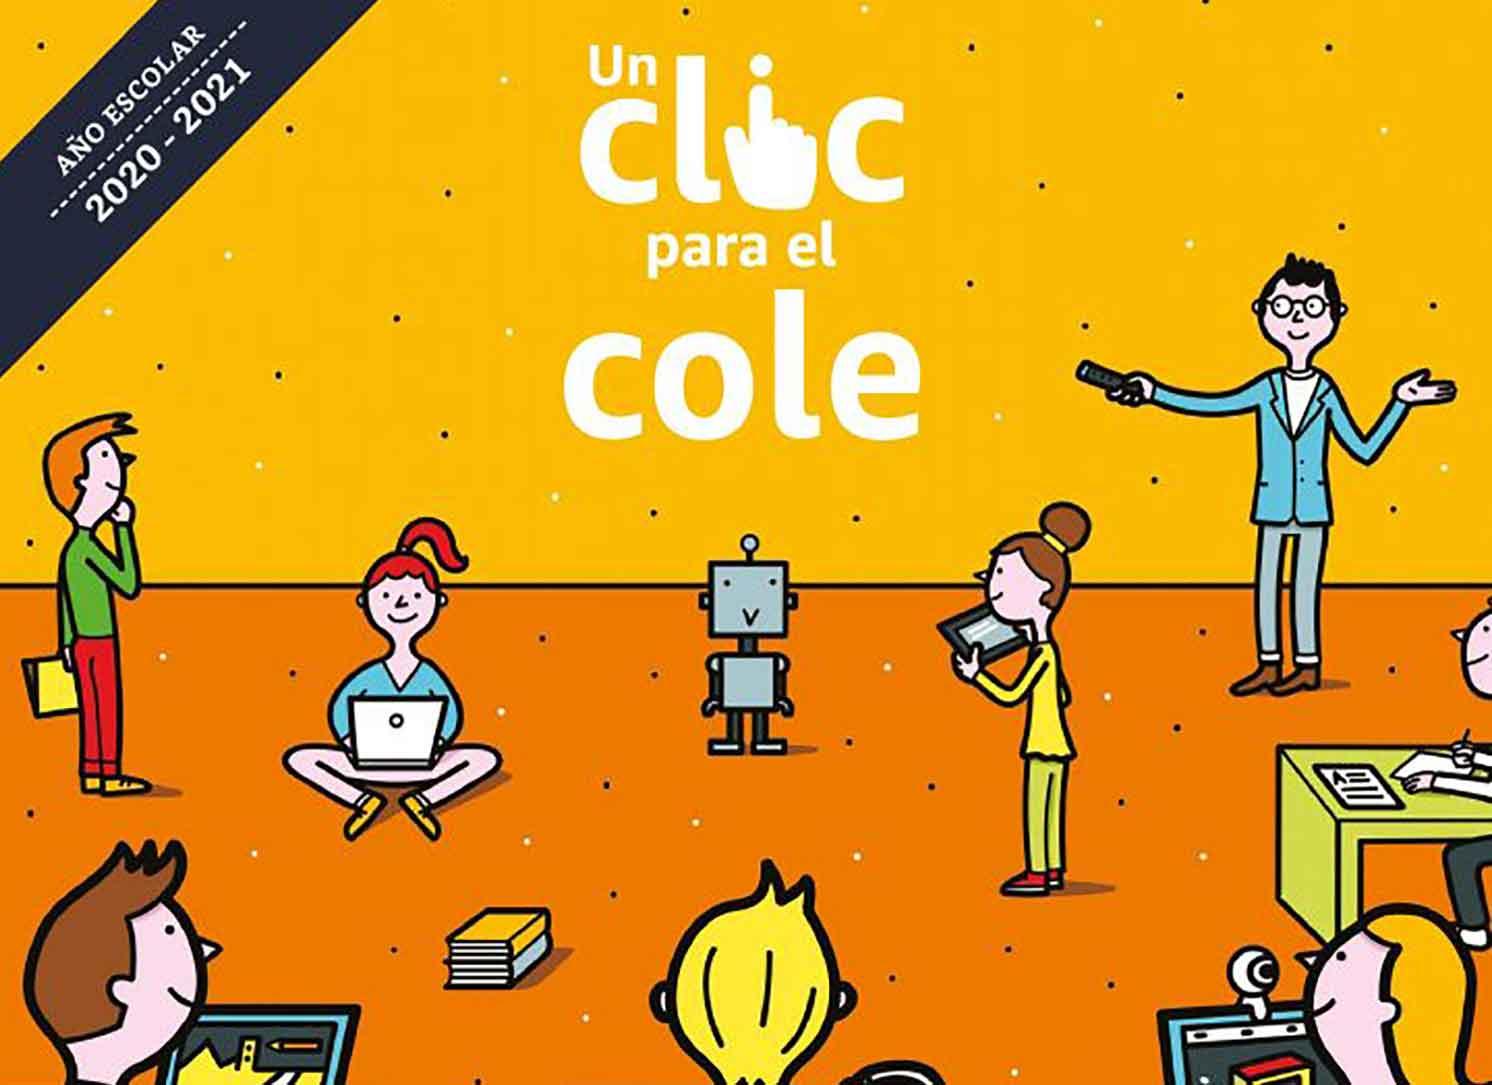 """Amazon.es lanza """"Un clic para el cole"""" para apoyar a los centros"""